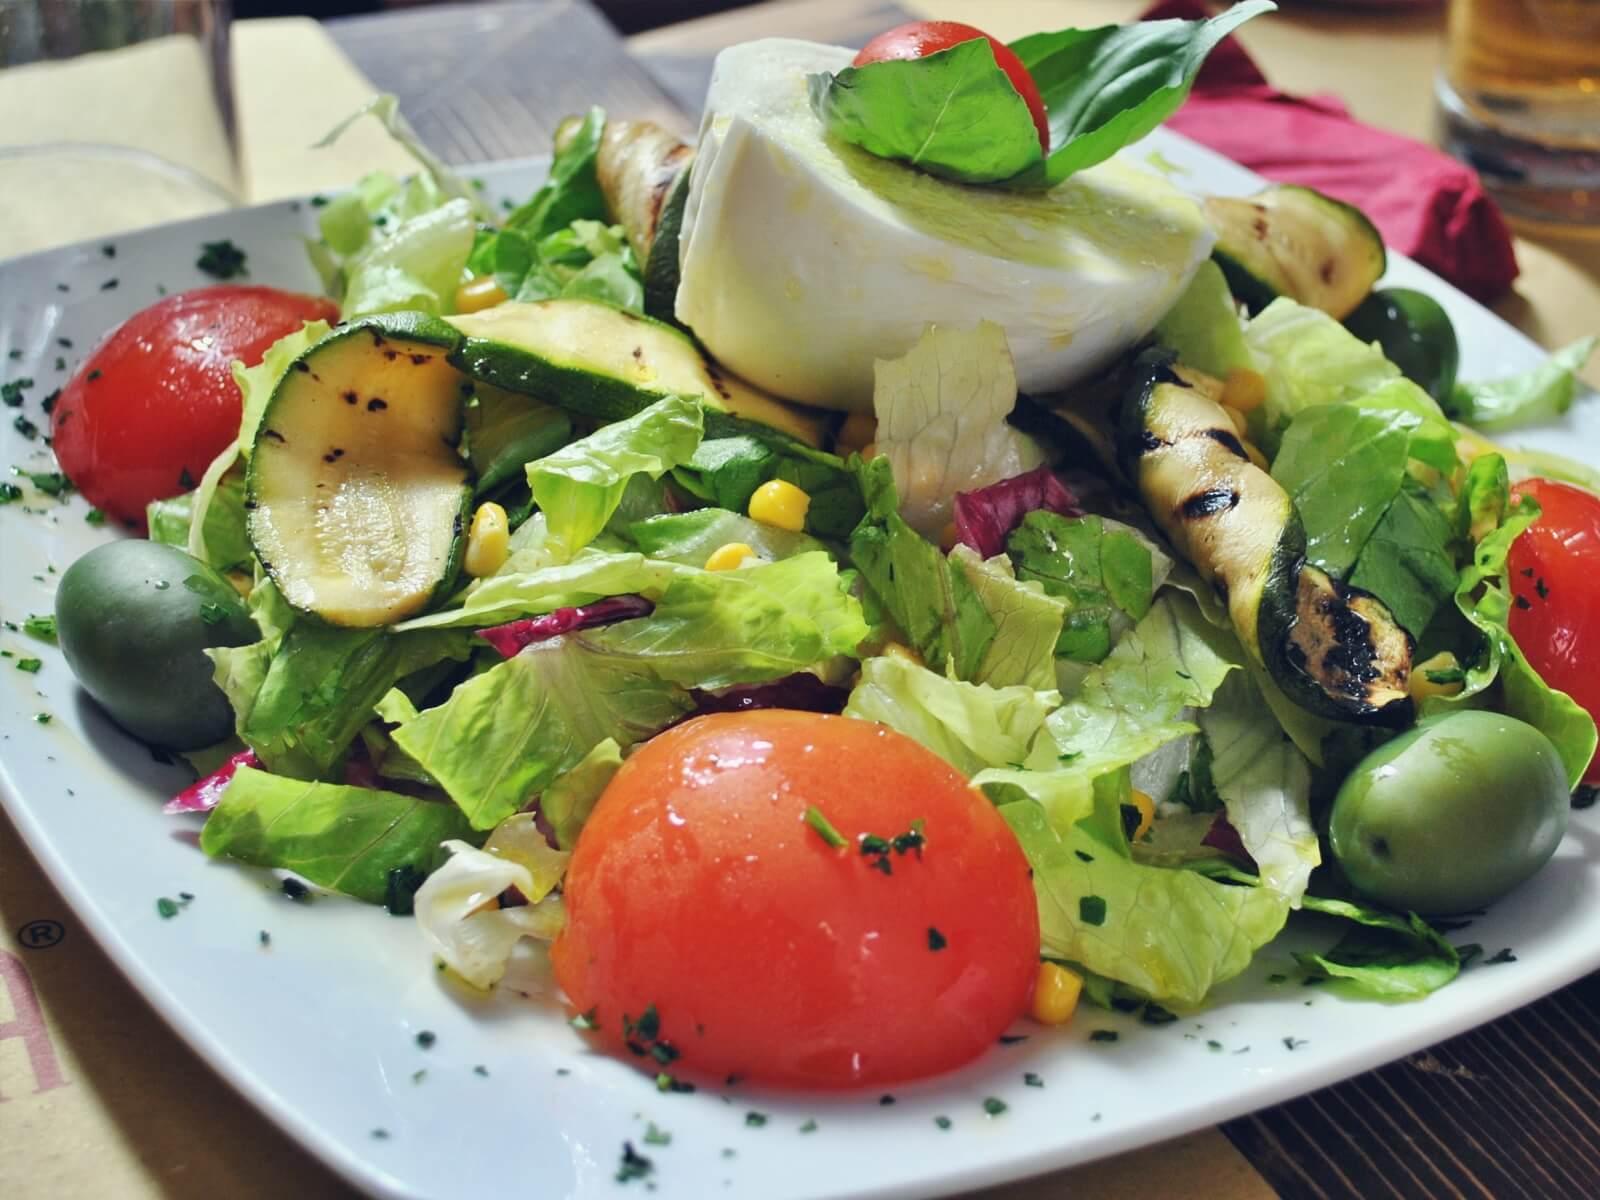 Kuchnia włoska słynie ze świeżych sałatek.